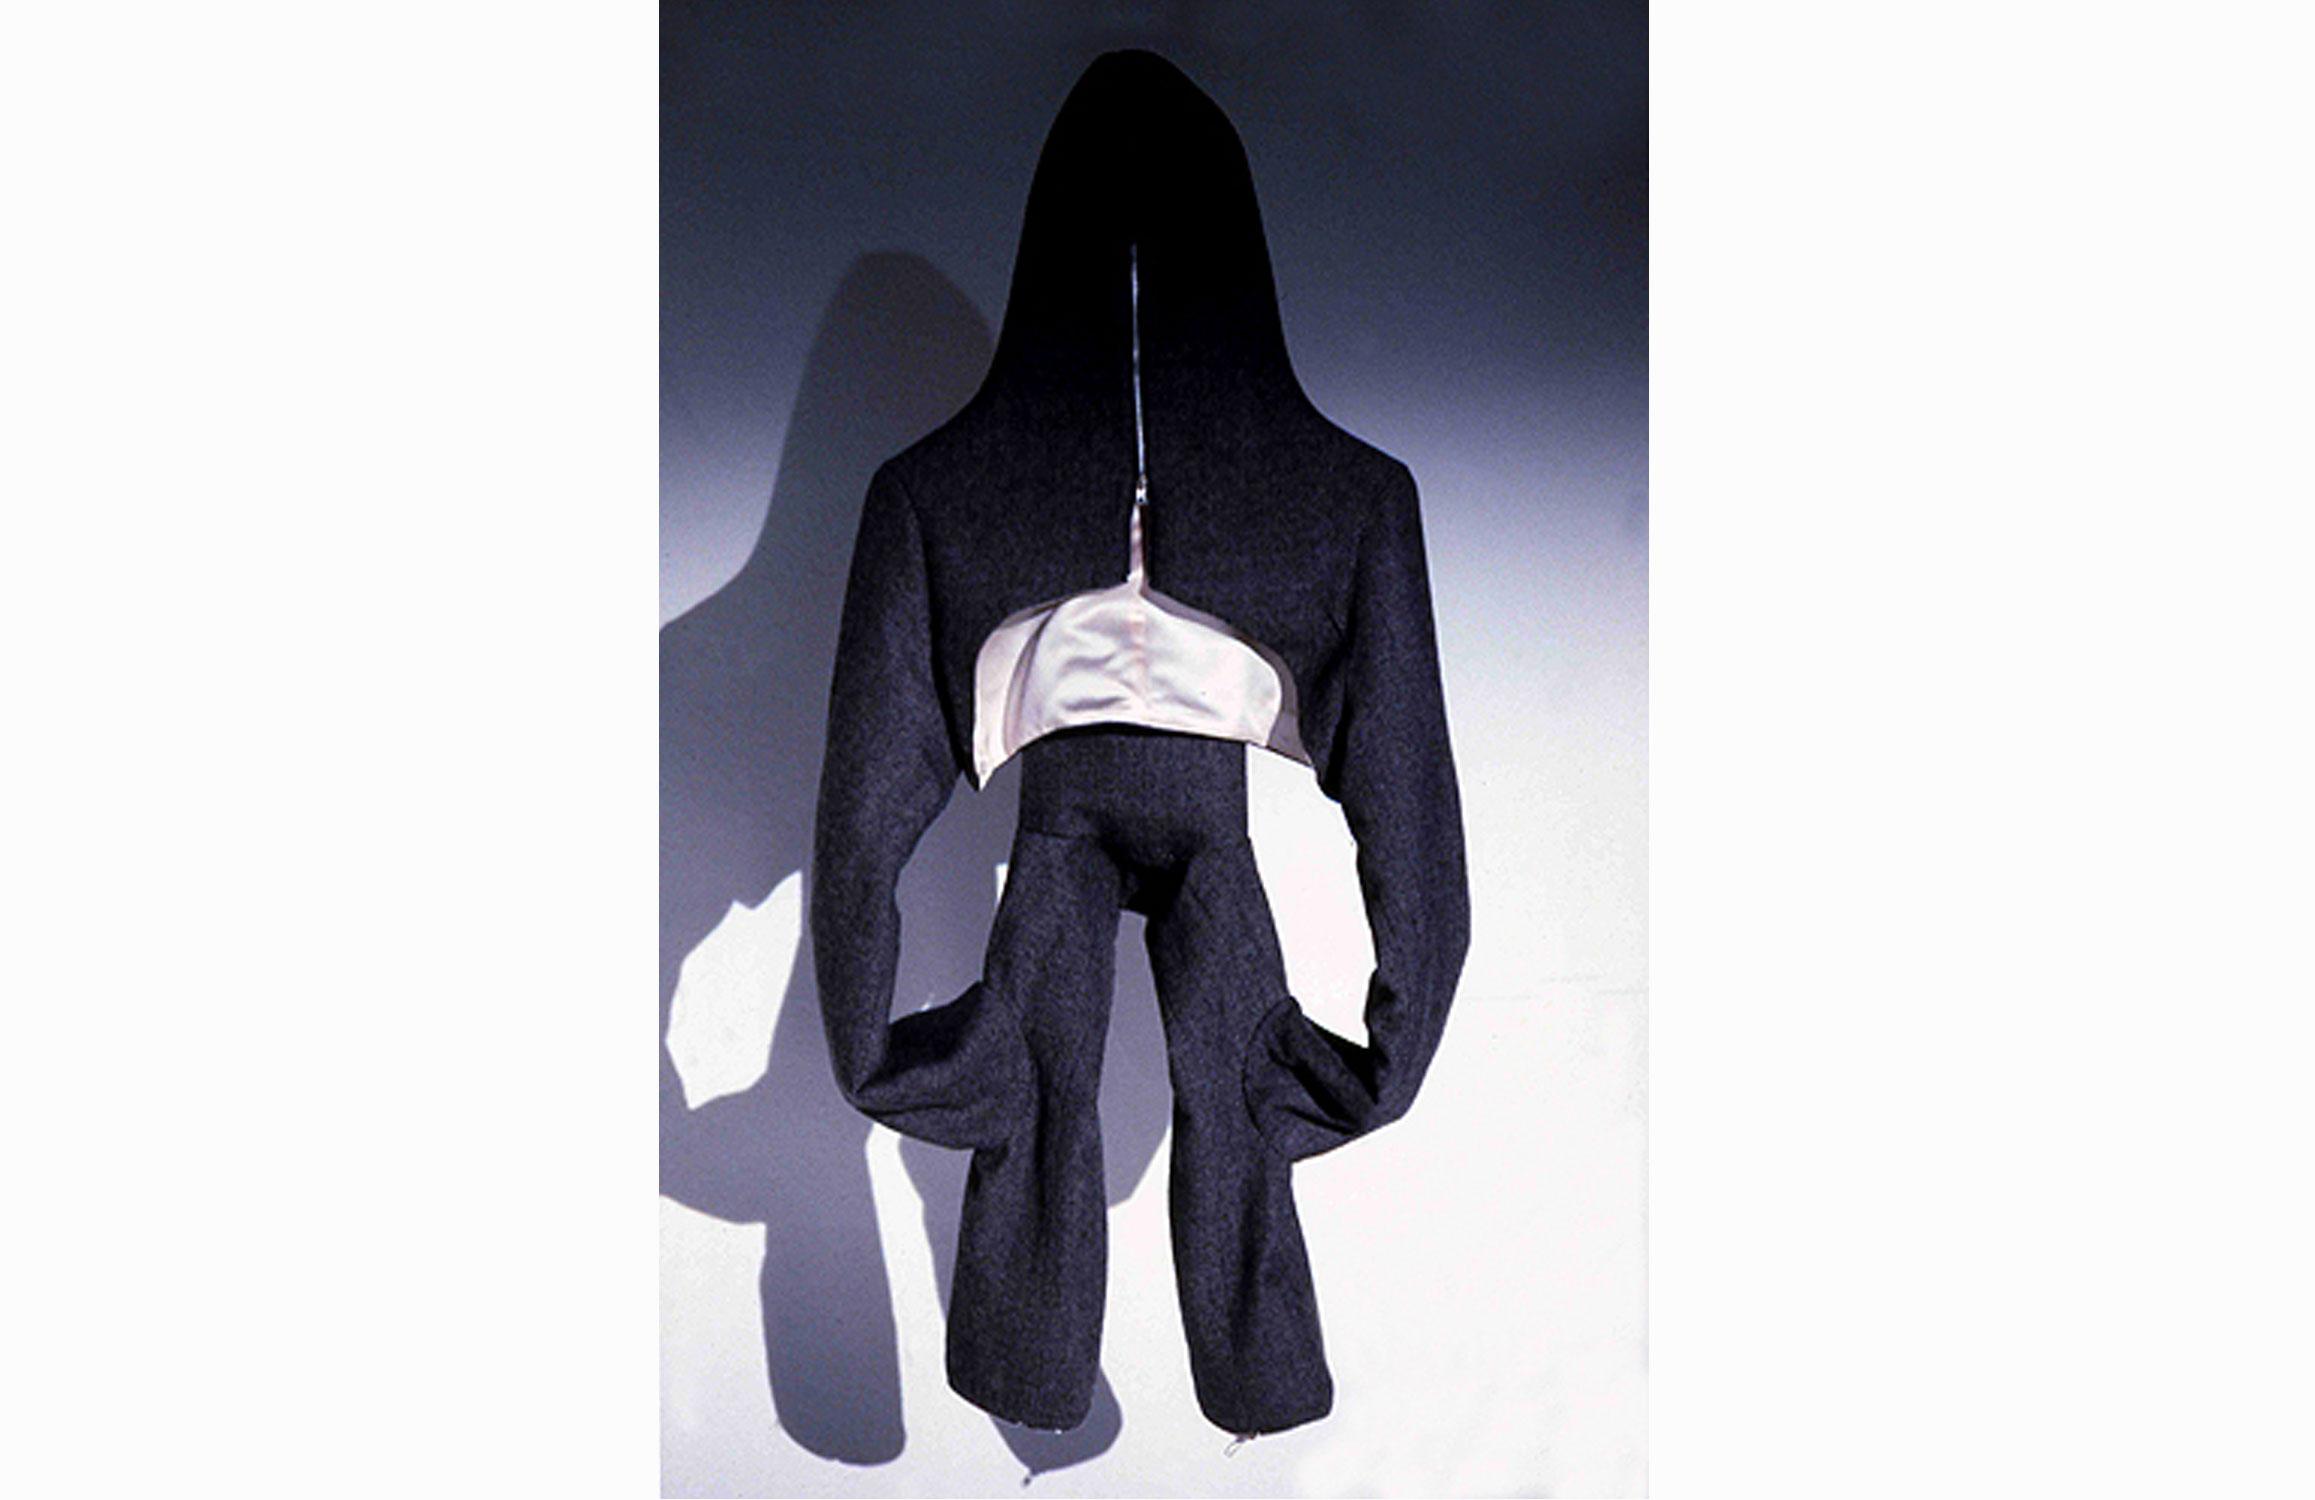 Connector Suit